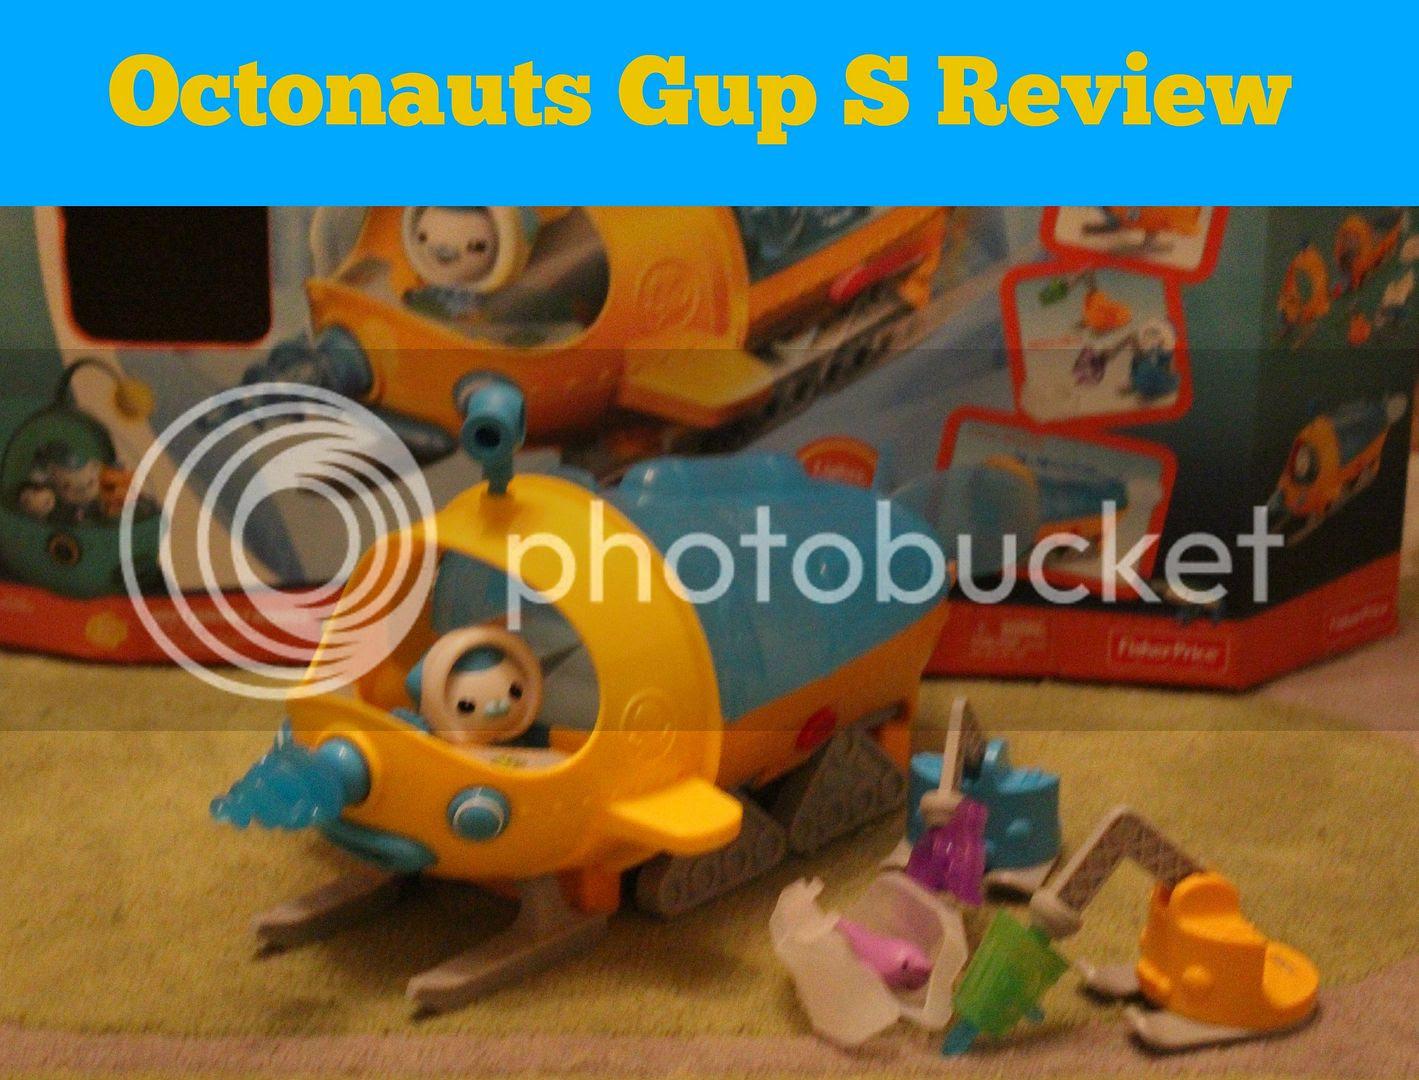 Octonauts-Gup-S